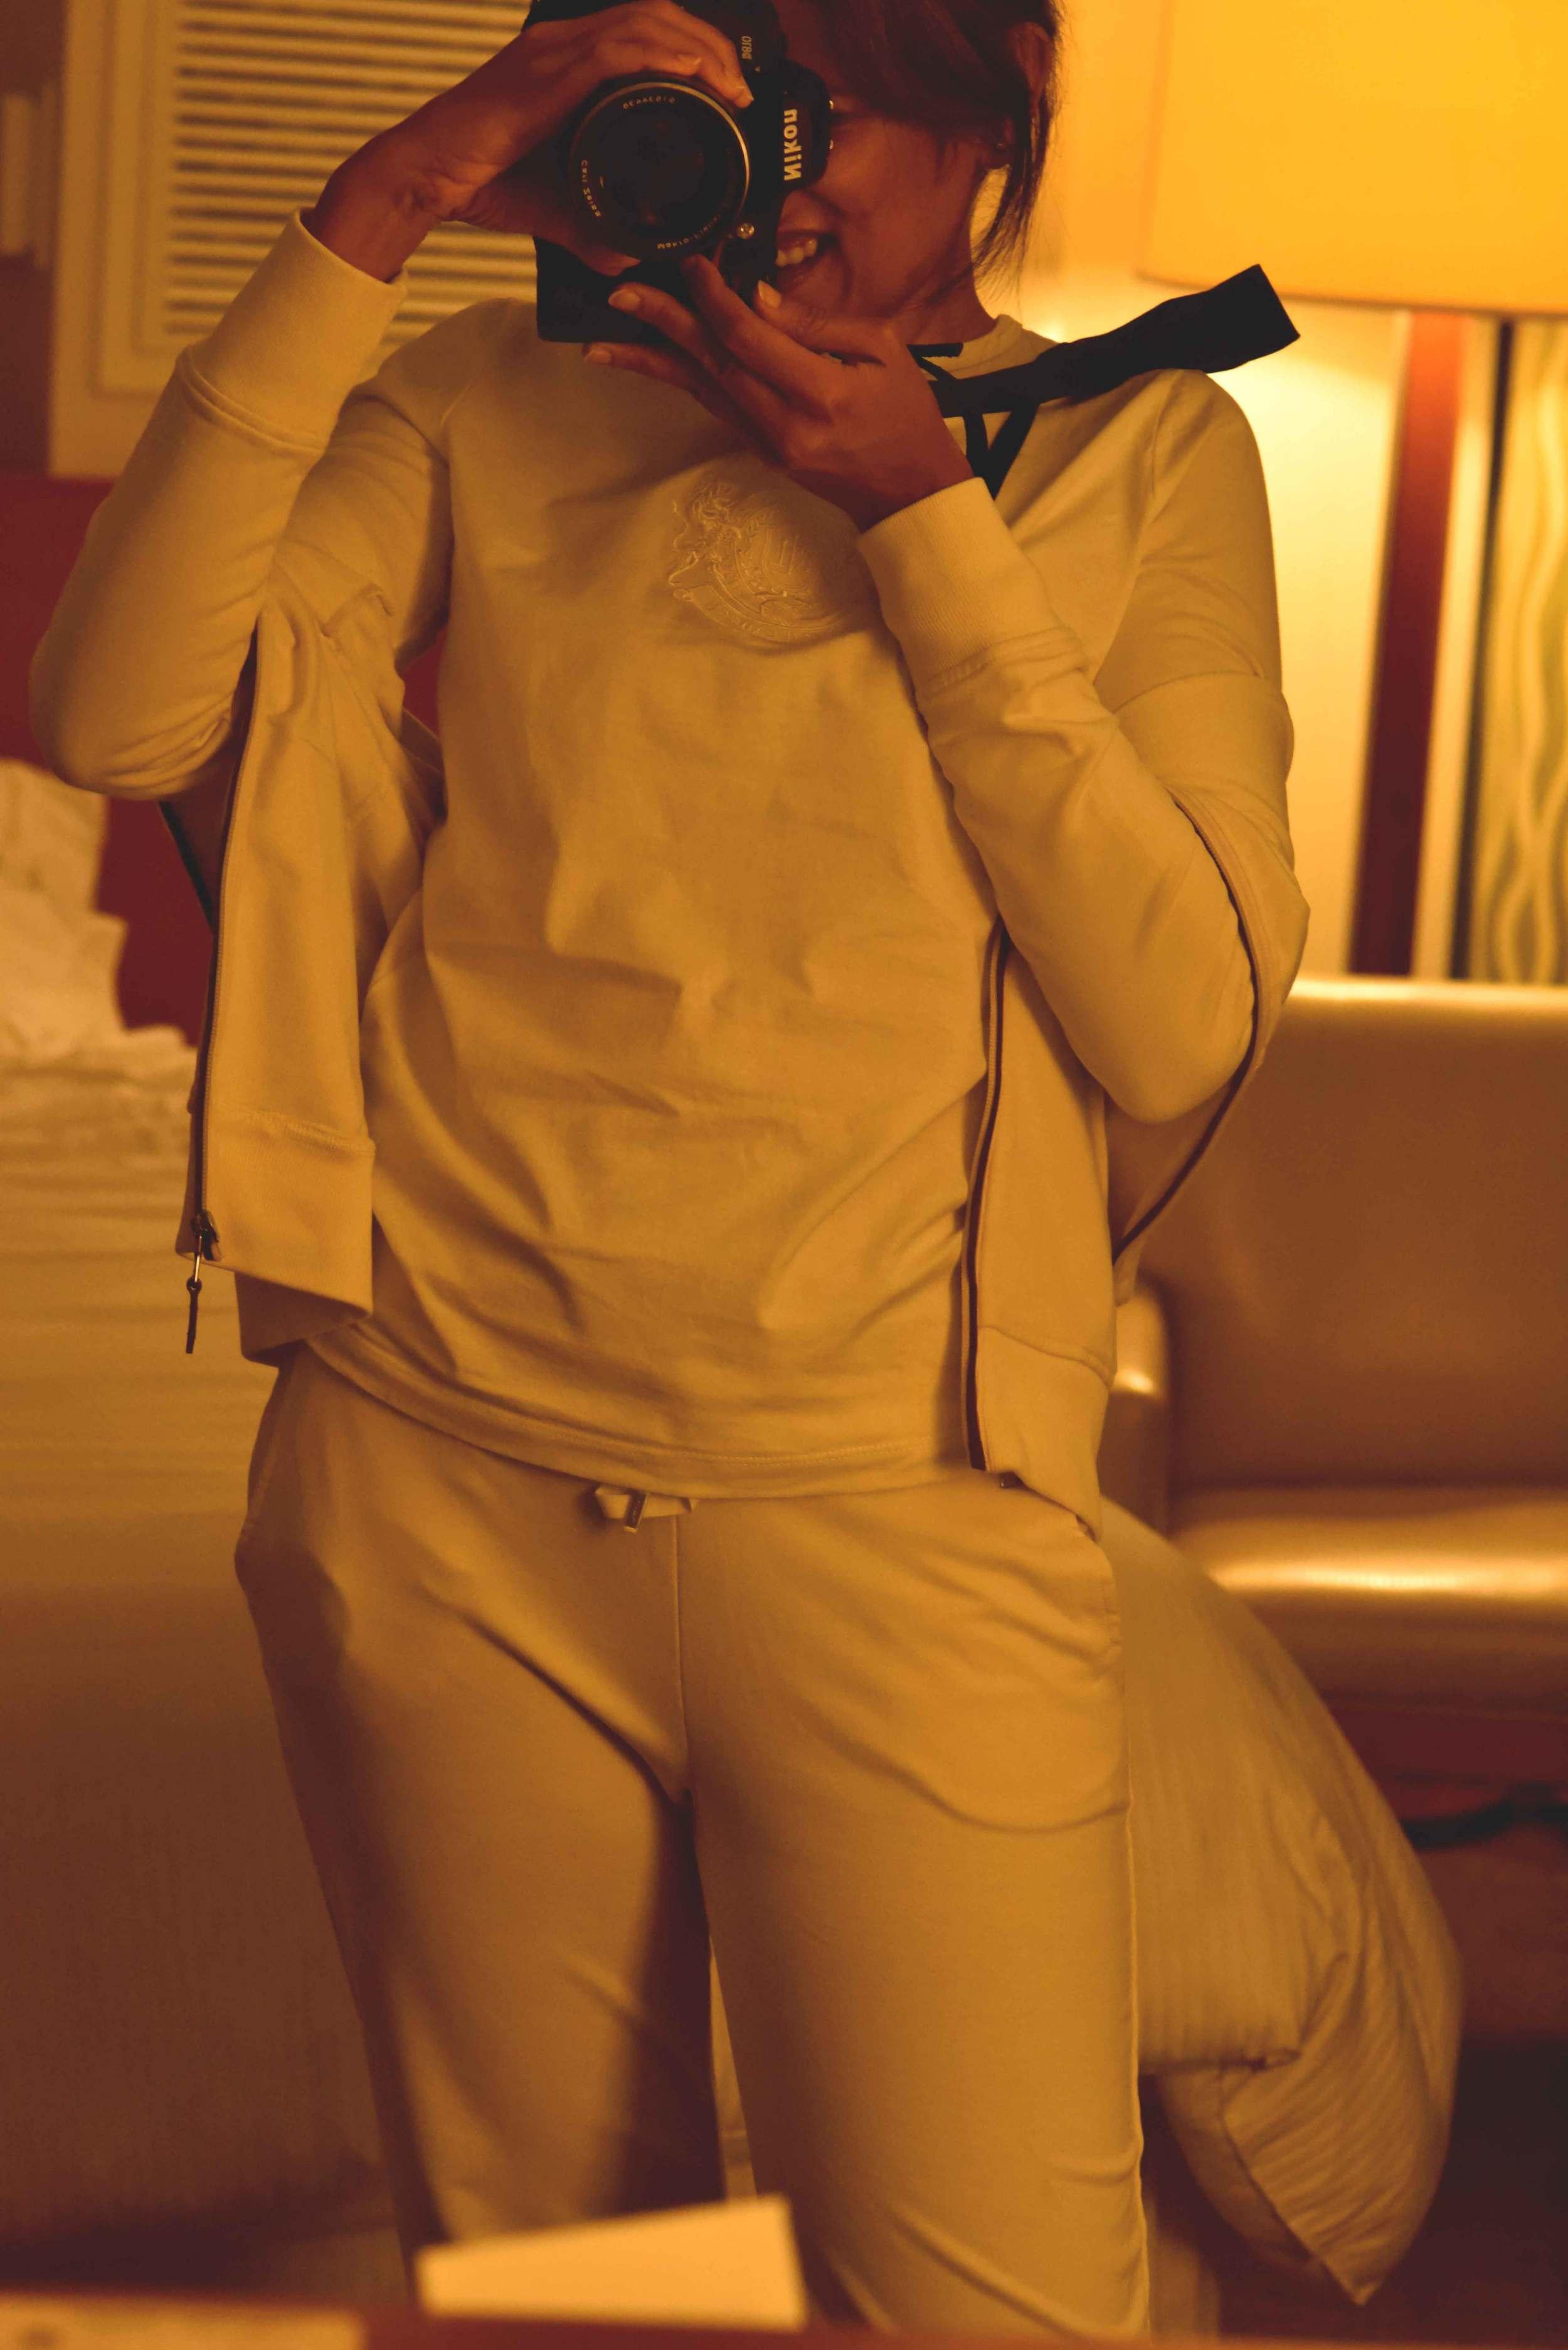 Ralph Lauren track pants, jacket & tee-shirt, image©gunjanvirk